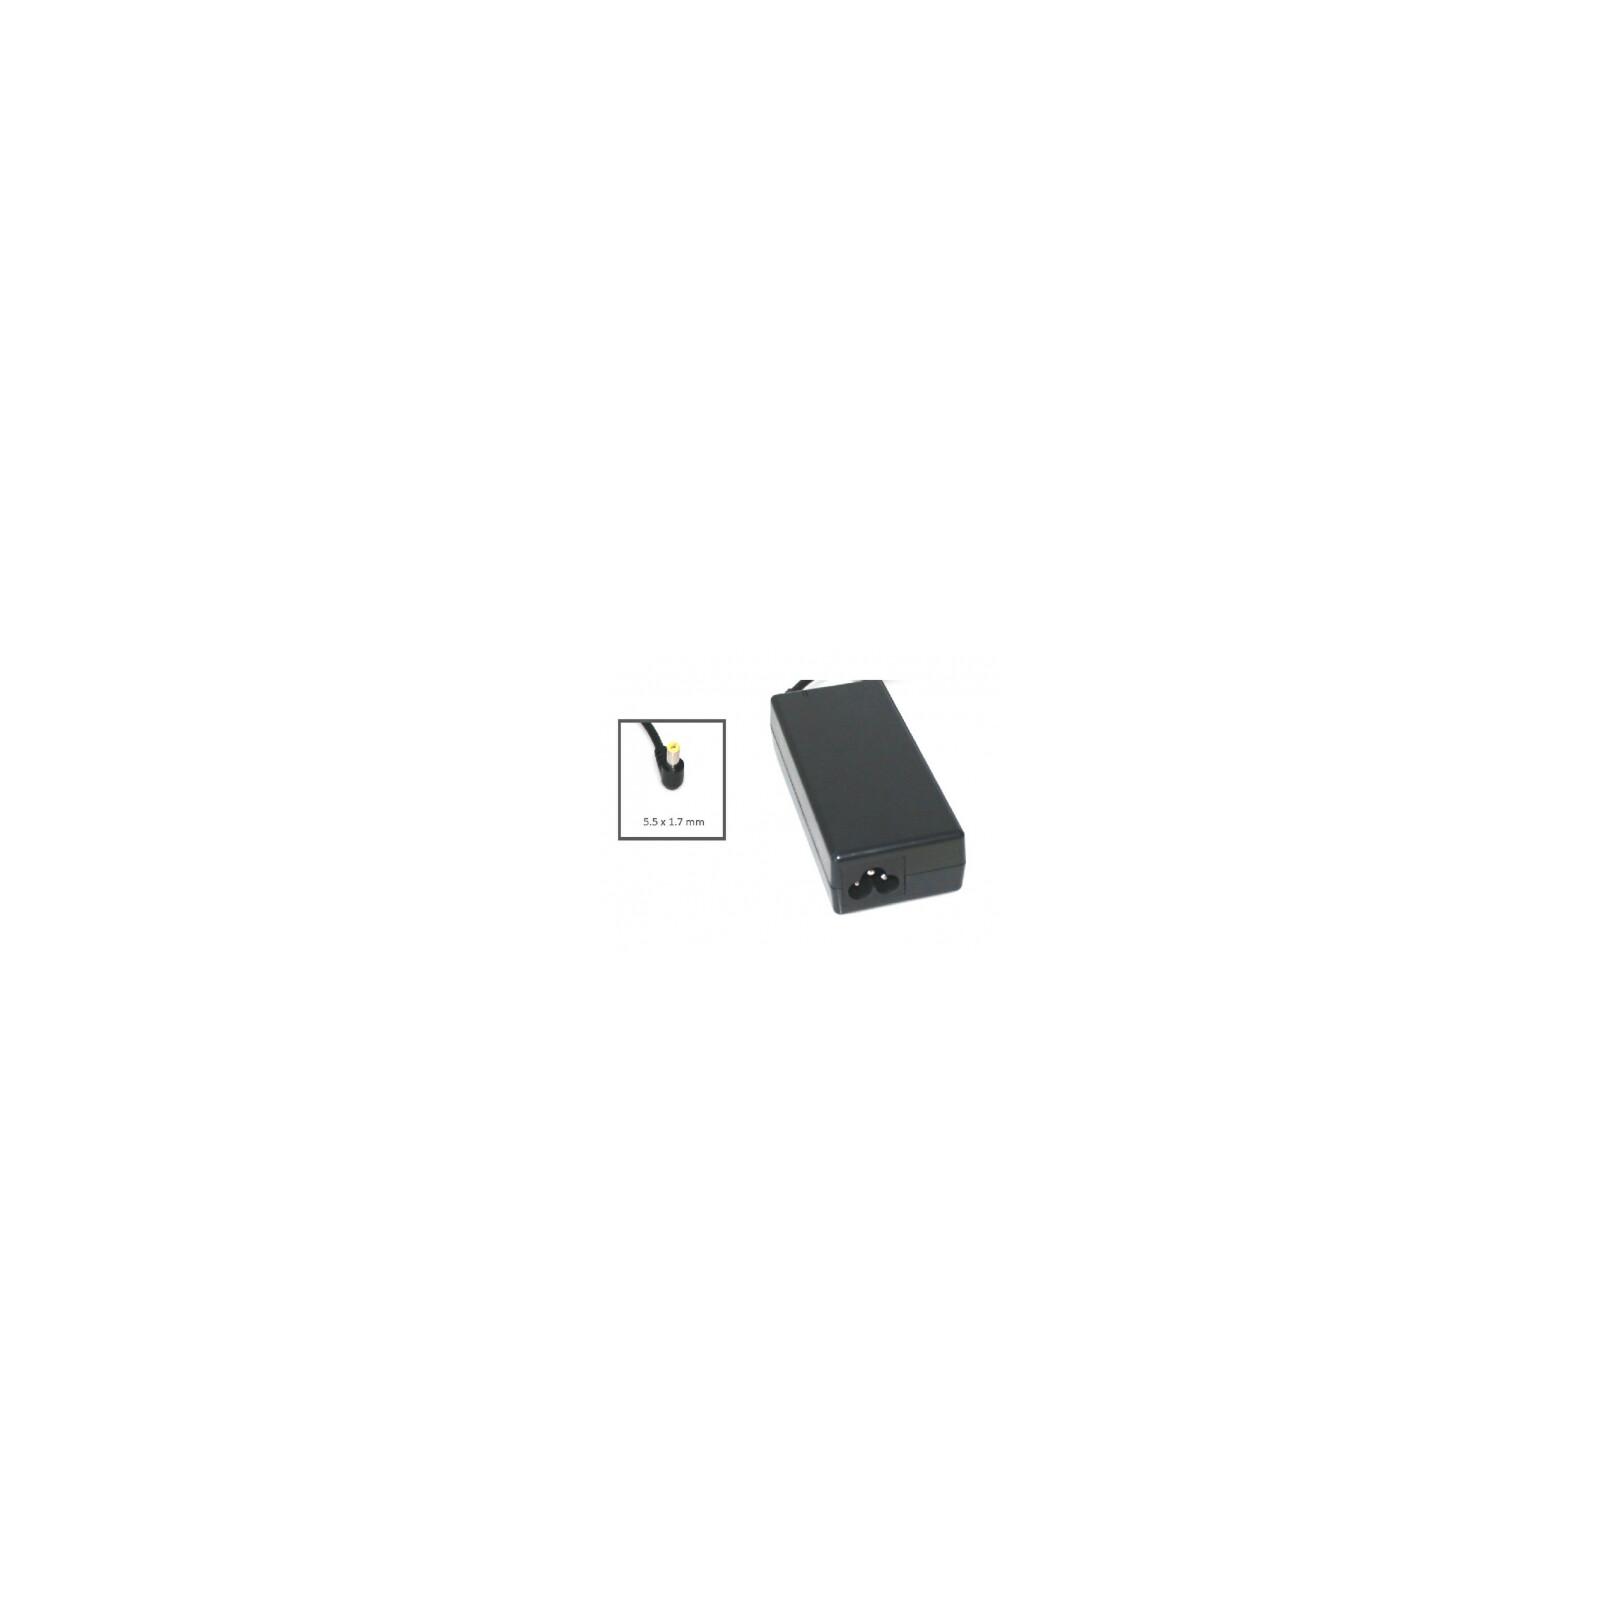 AGI Netzteil Chiligreen SADP-65KB B 65W